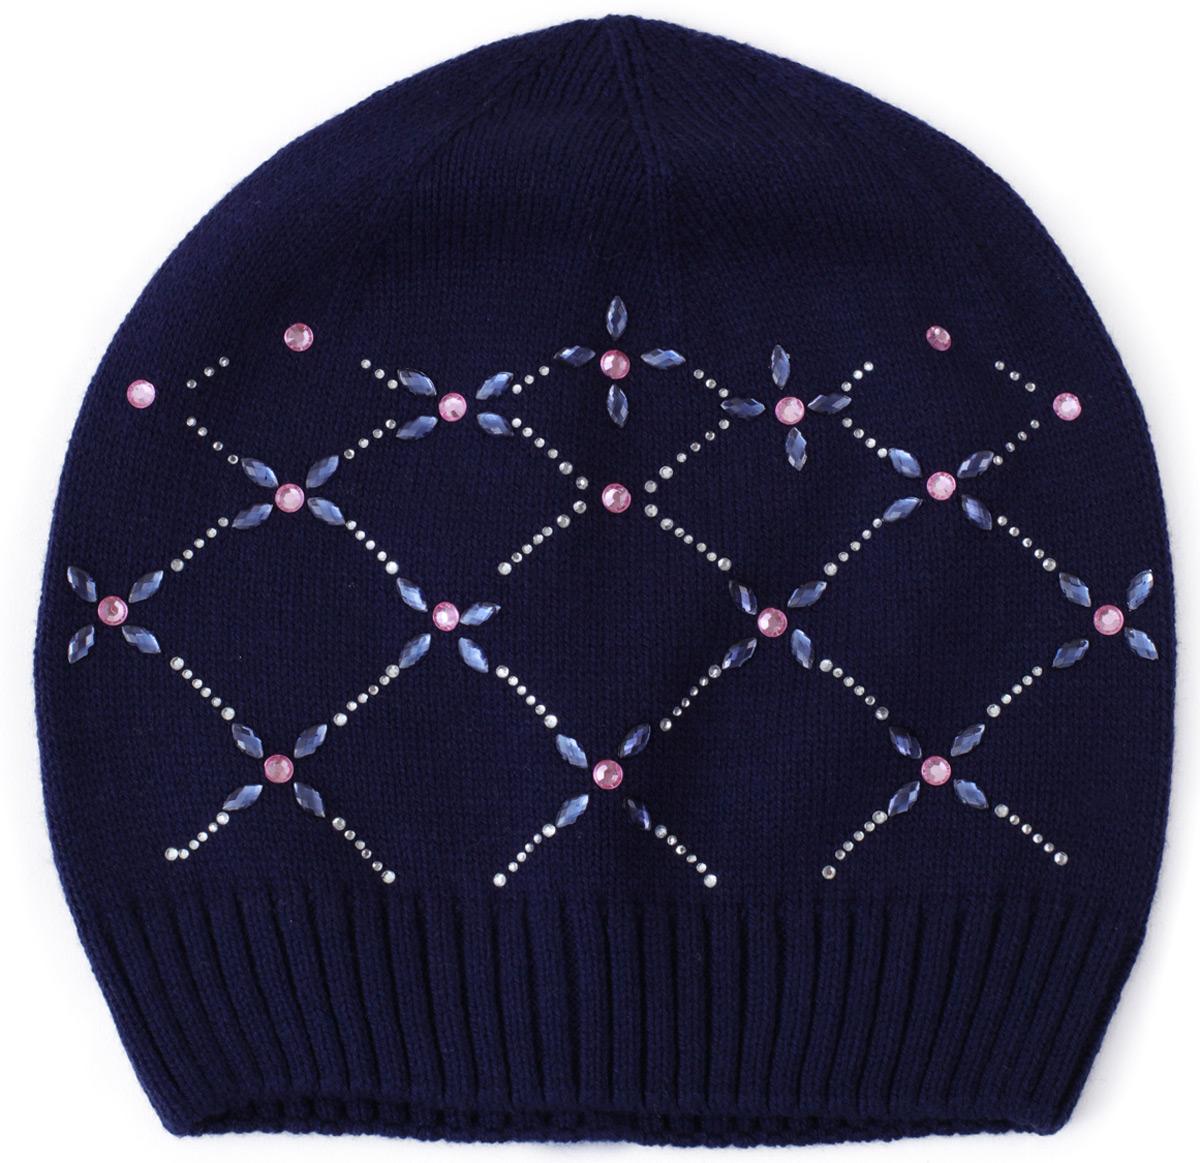 Шапка для девочки PlayToday, цвет: темно-синий. 182077. Размер 54182077Однослойная вязаная шапка без завязок, из ткани с высоким содержанием натурального хлопка. Хорошо облегает голову. Декорирована аппликацией из страз.